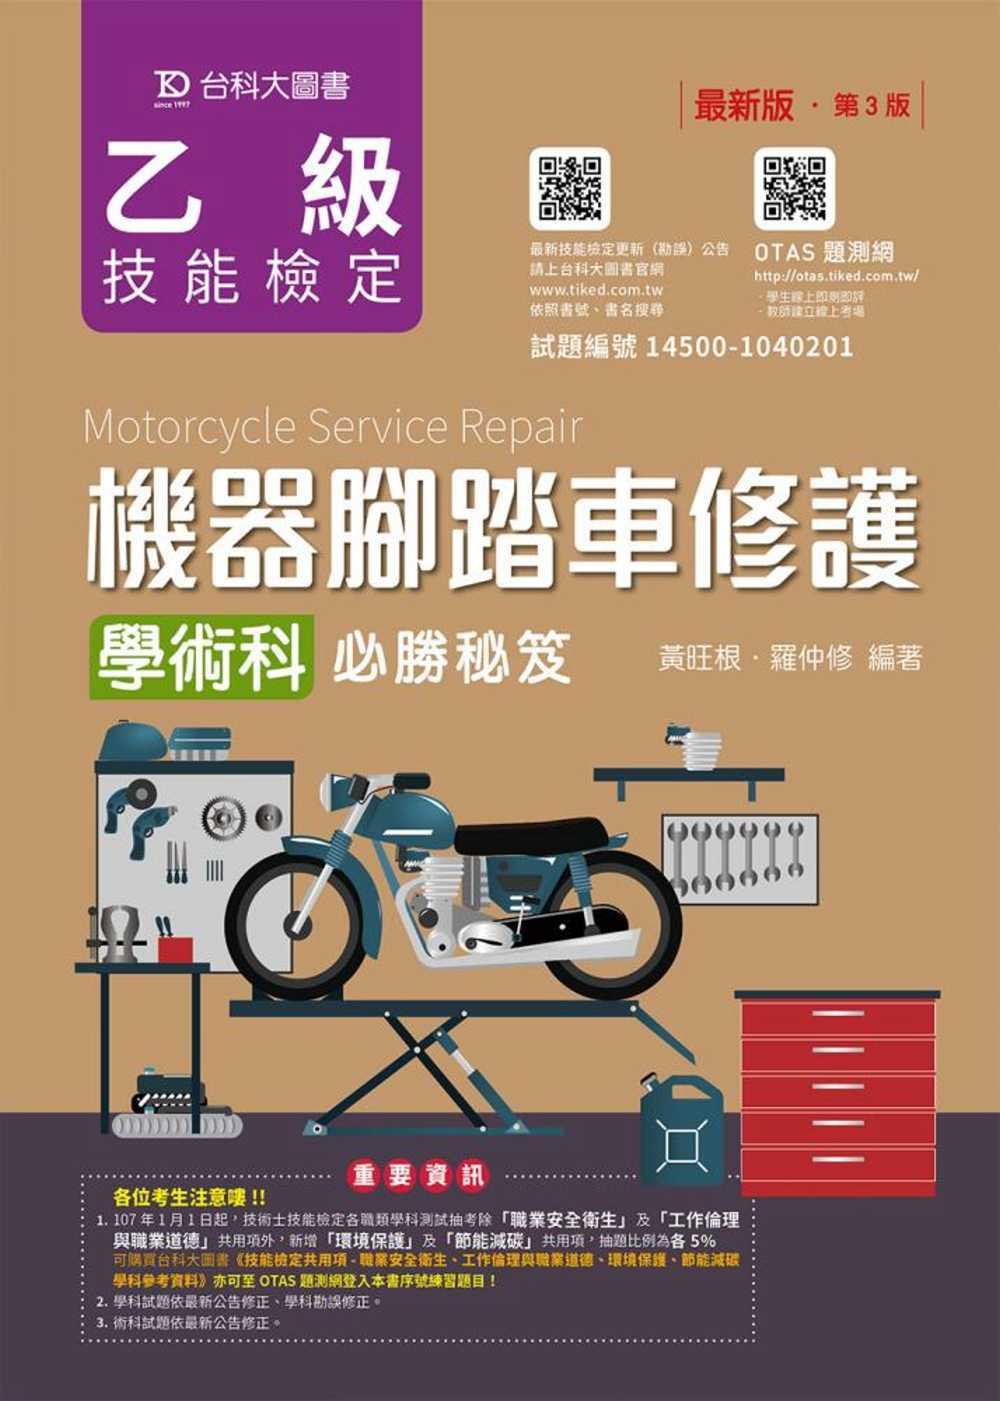 乙級機器腳踏車修護學術科必勝秘笈最新版(第三版)(附贈OTAS題測系統)